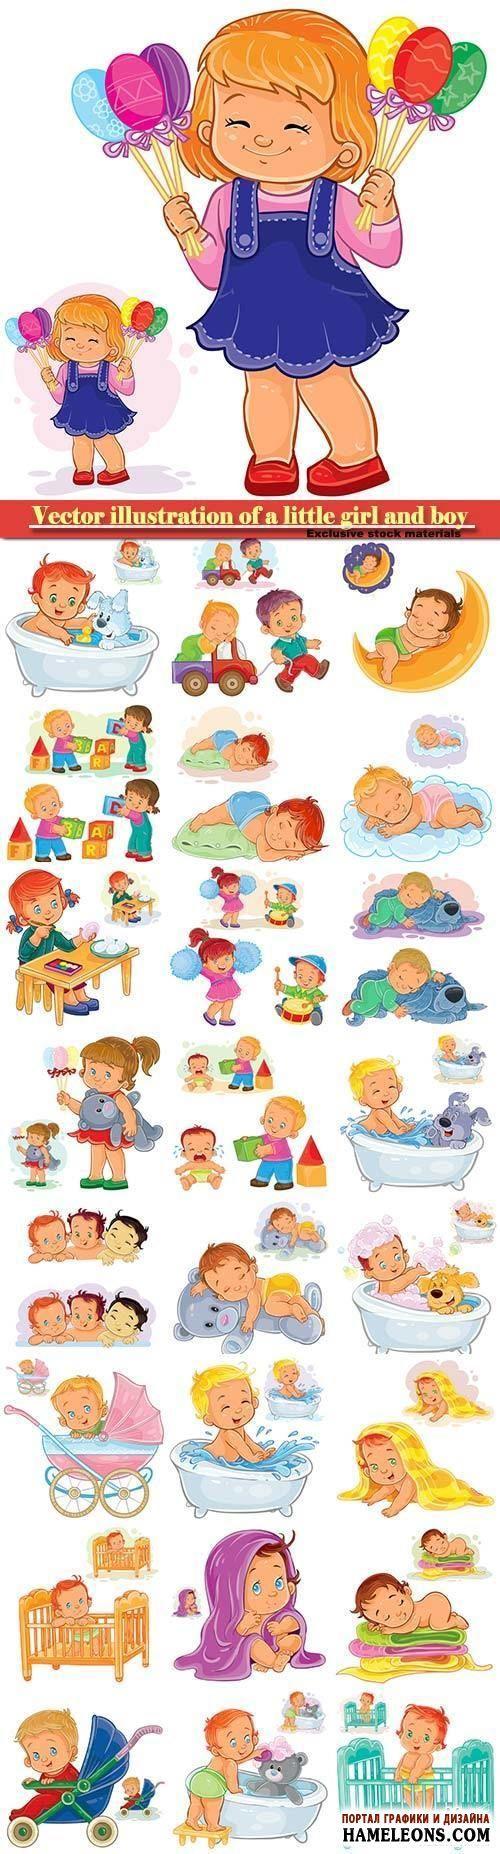 В векторе маленькие дети - мальчики и девочки играют, спят, купаются в ванне | Vector illustration of a little girl and boy playing